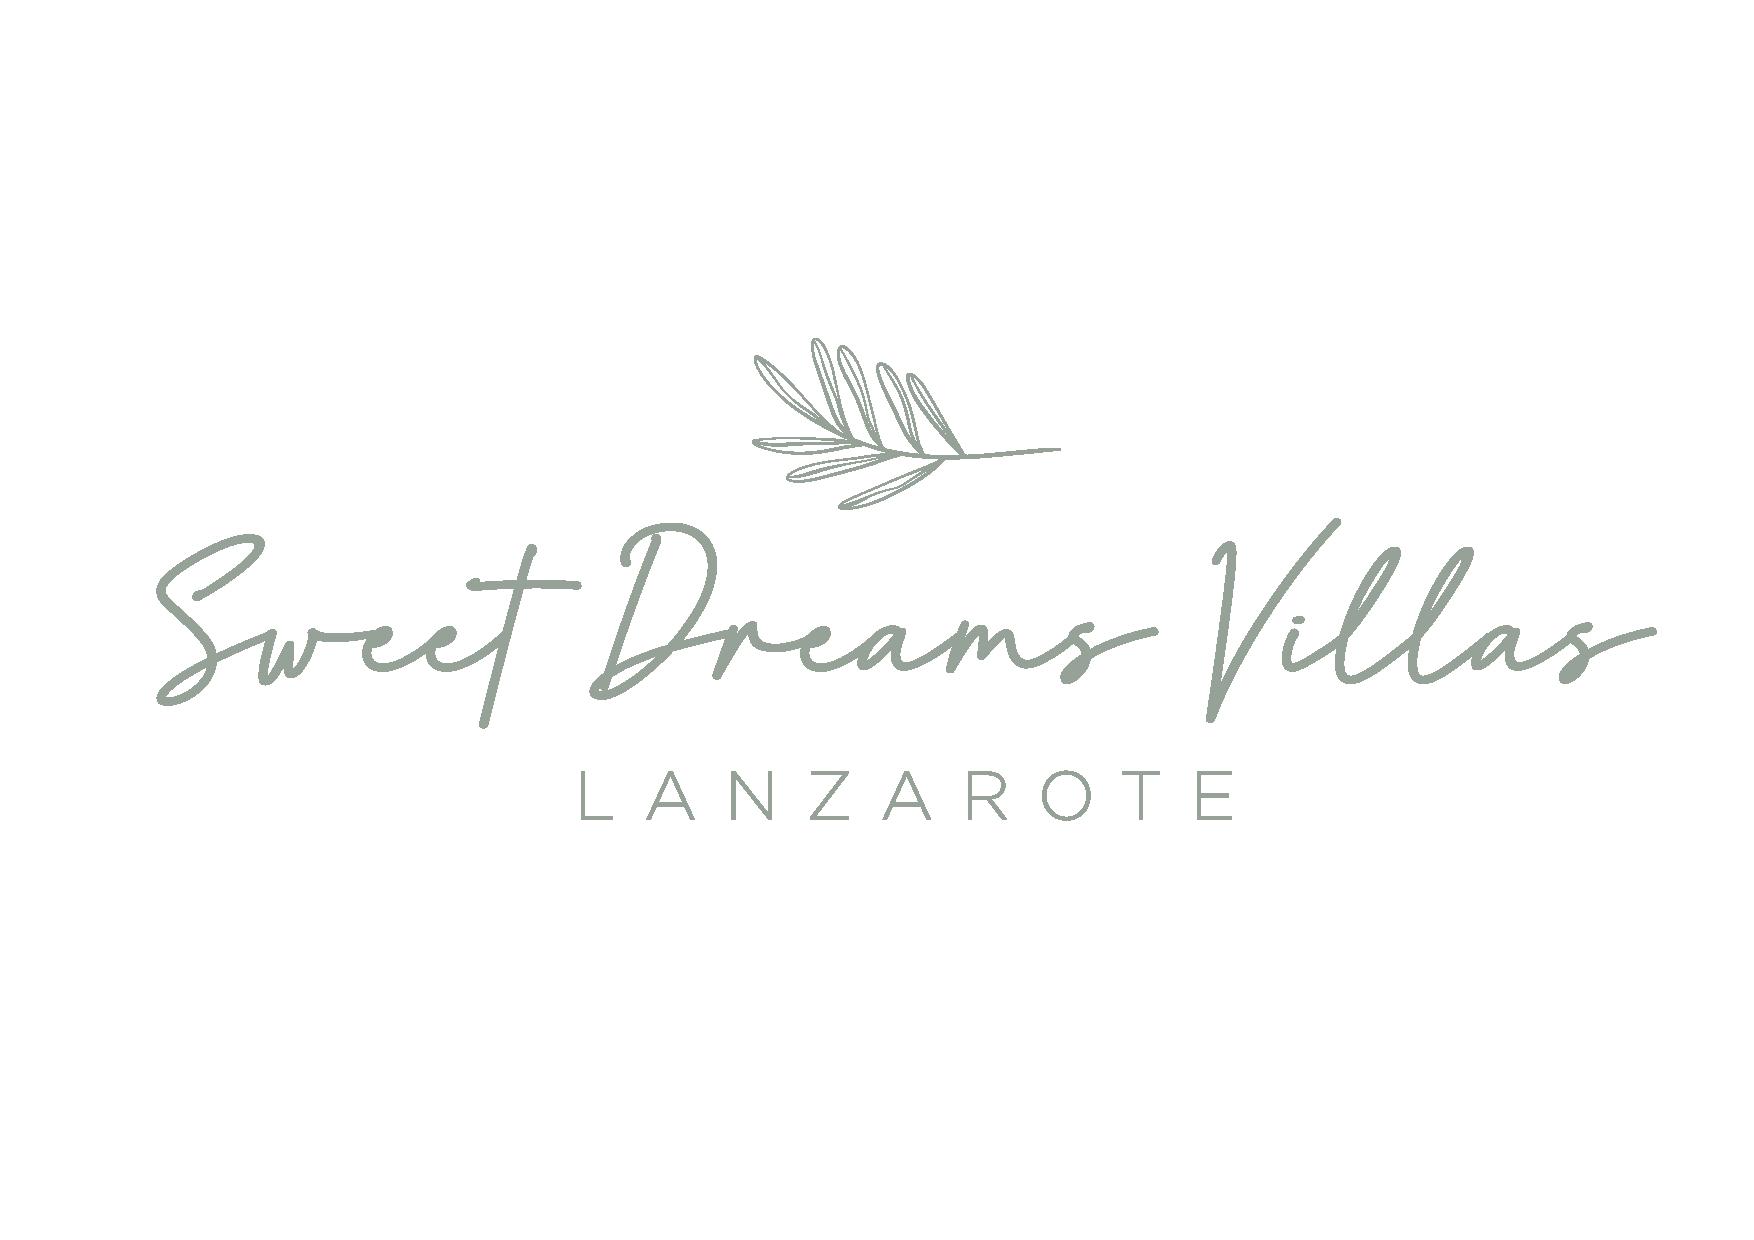 Villas vacacionales en Lanzarote